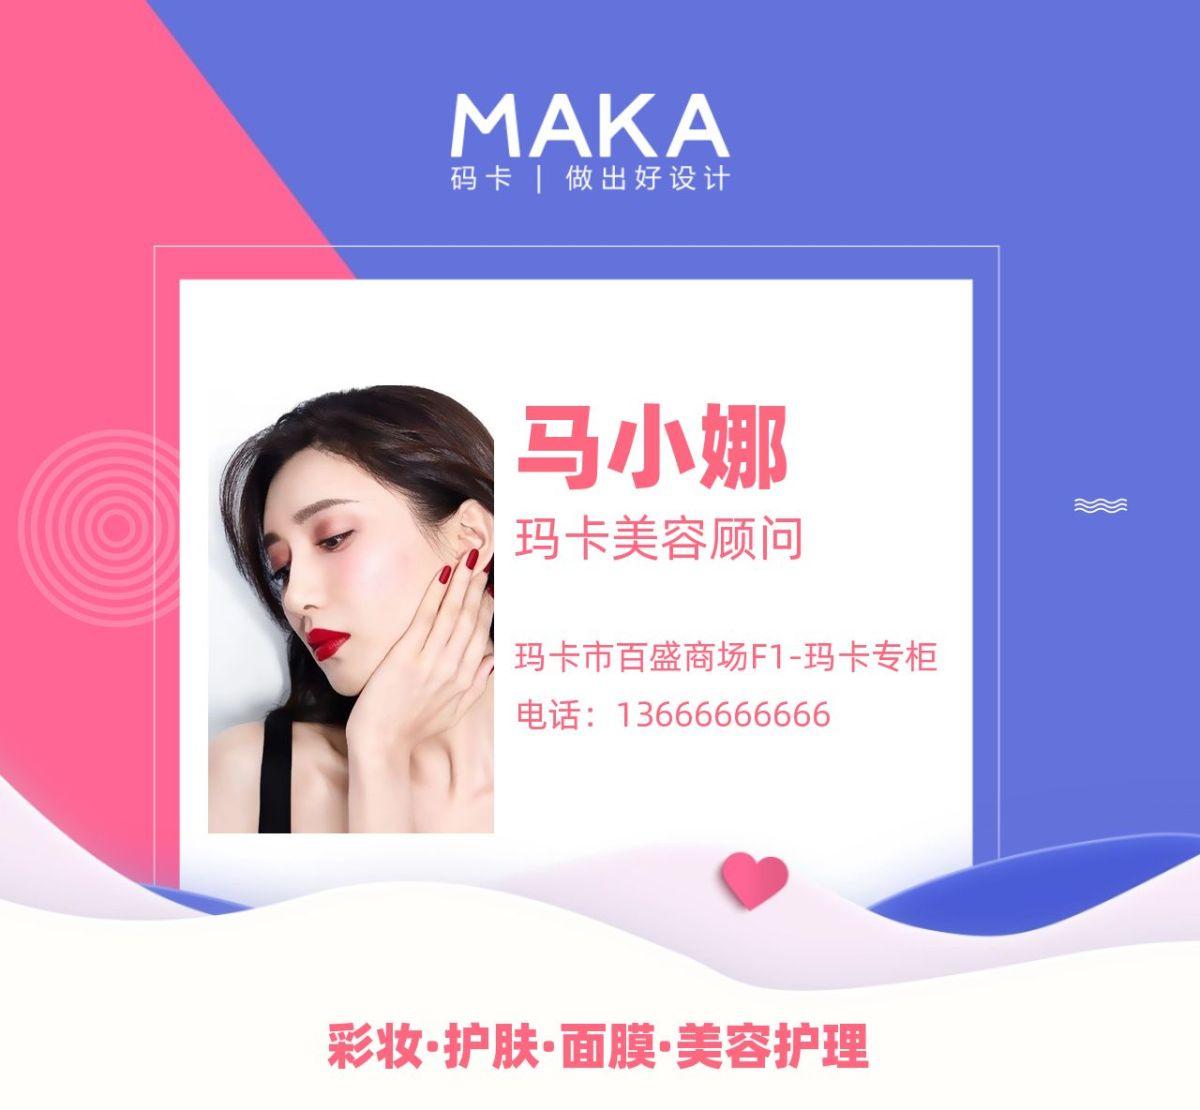 小清新蓝色系美容顾问个人微信朋友圈推广图